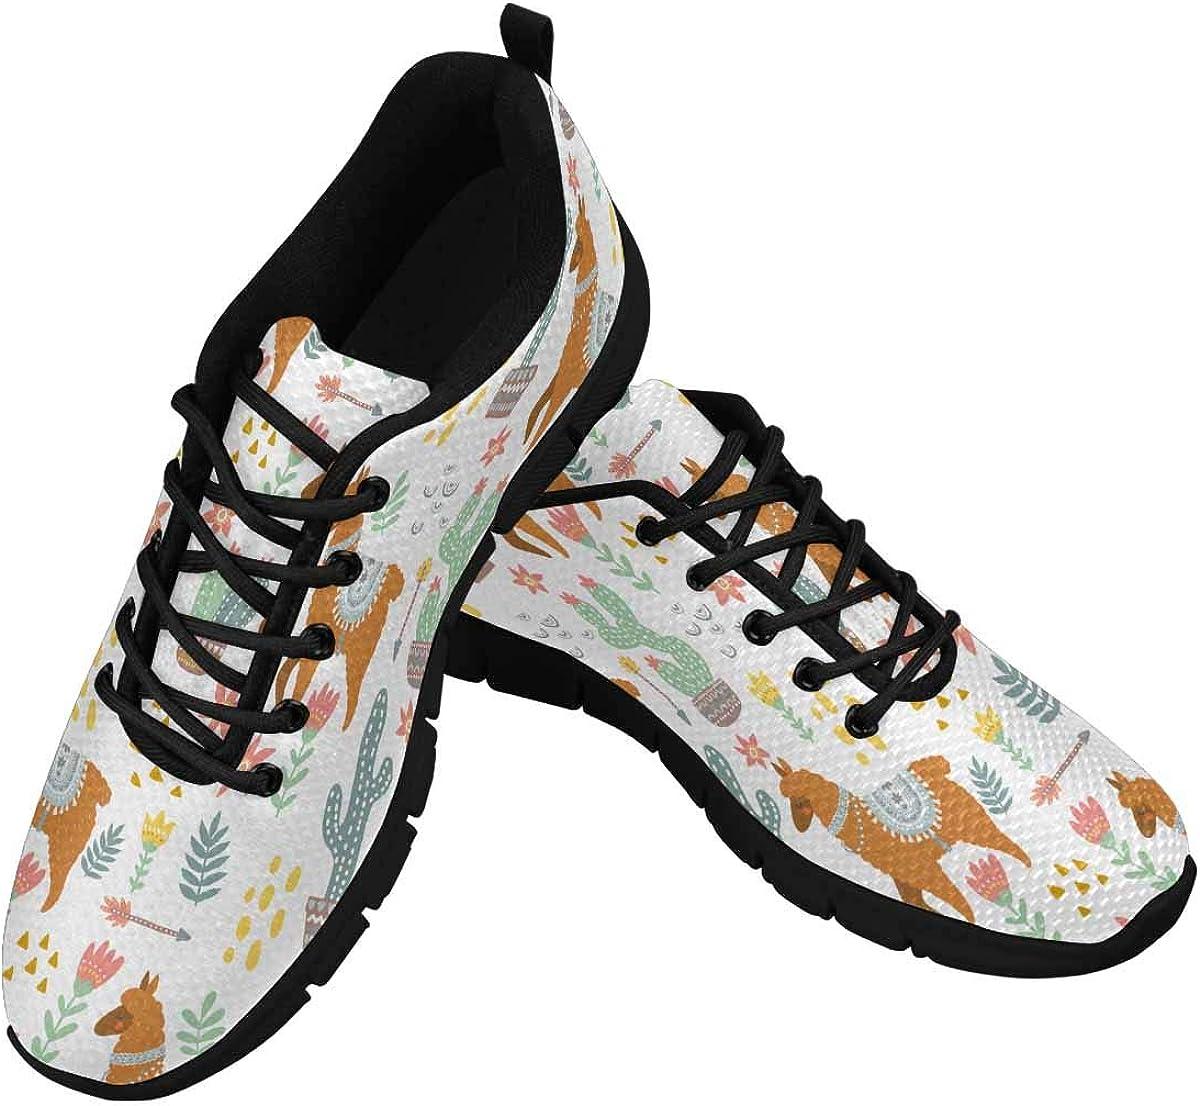 INTERESTPRINT Hippie Alpaca Llama Women's Tennis Running Shoes Lightweight Sneakers